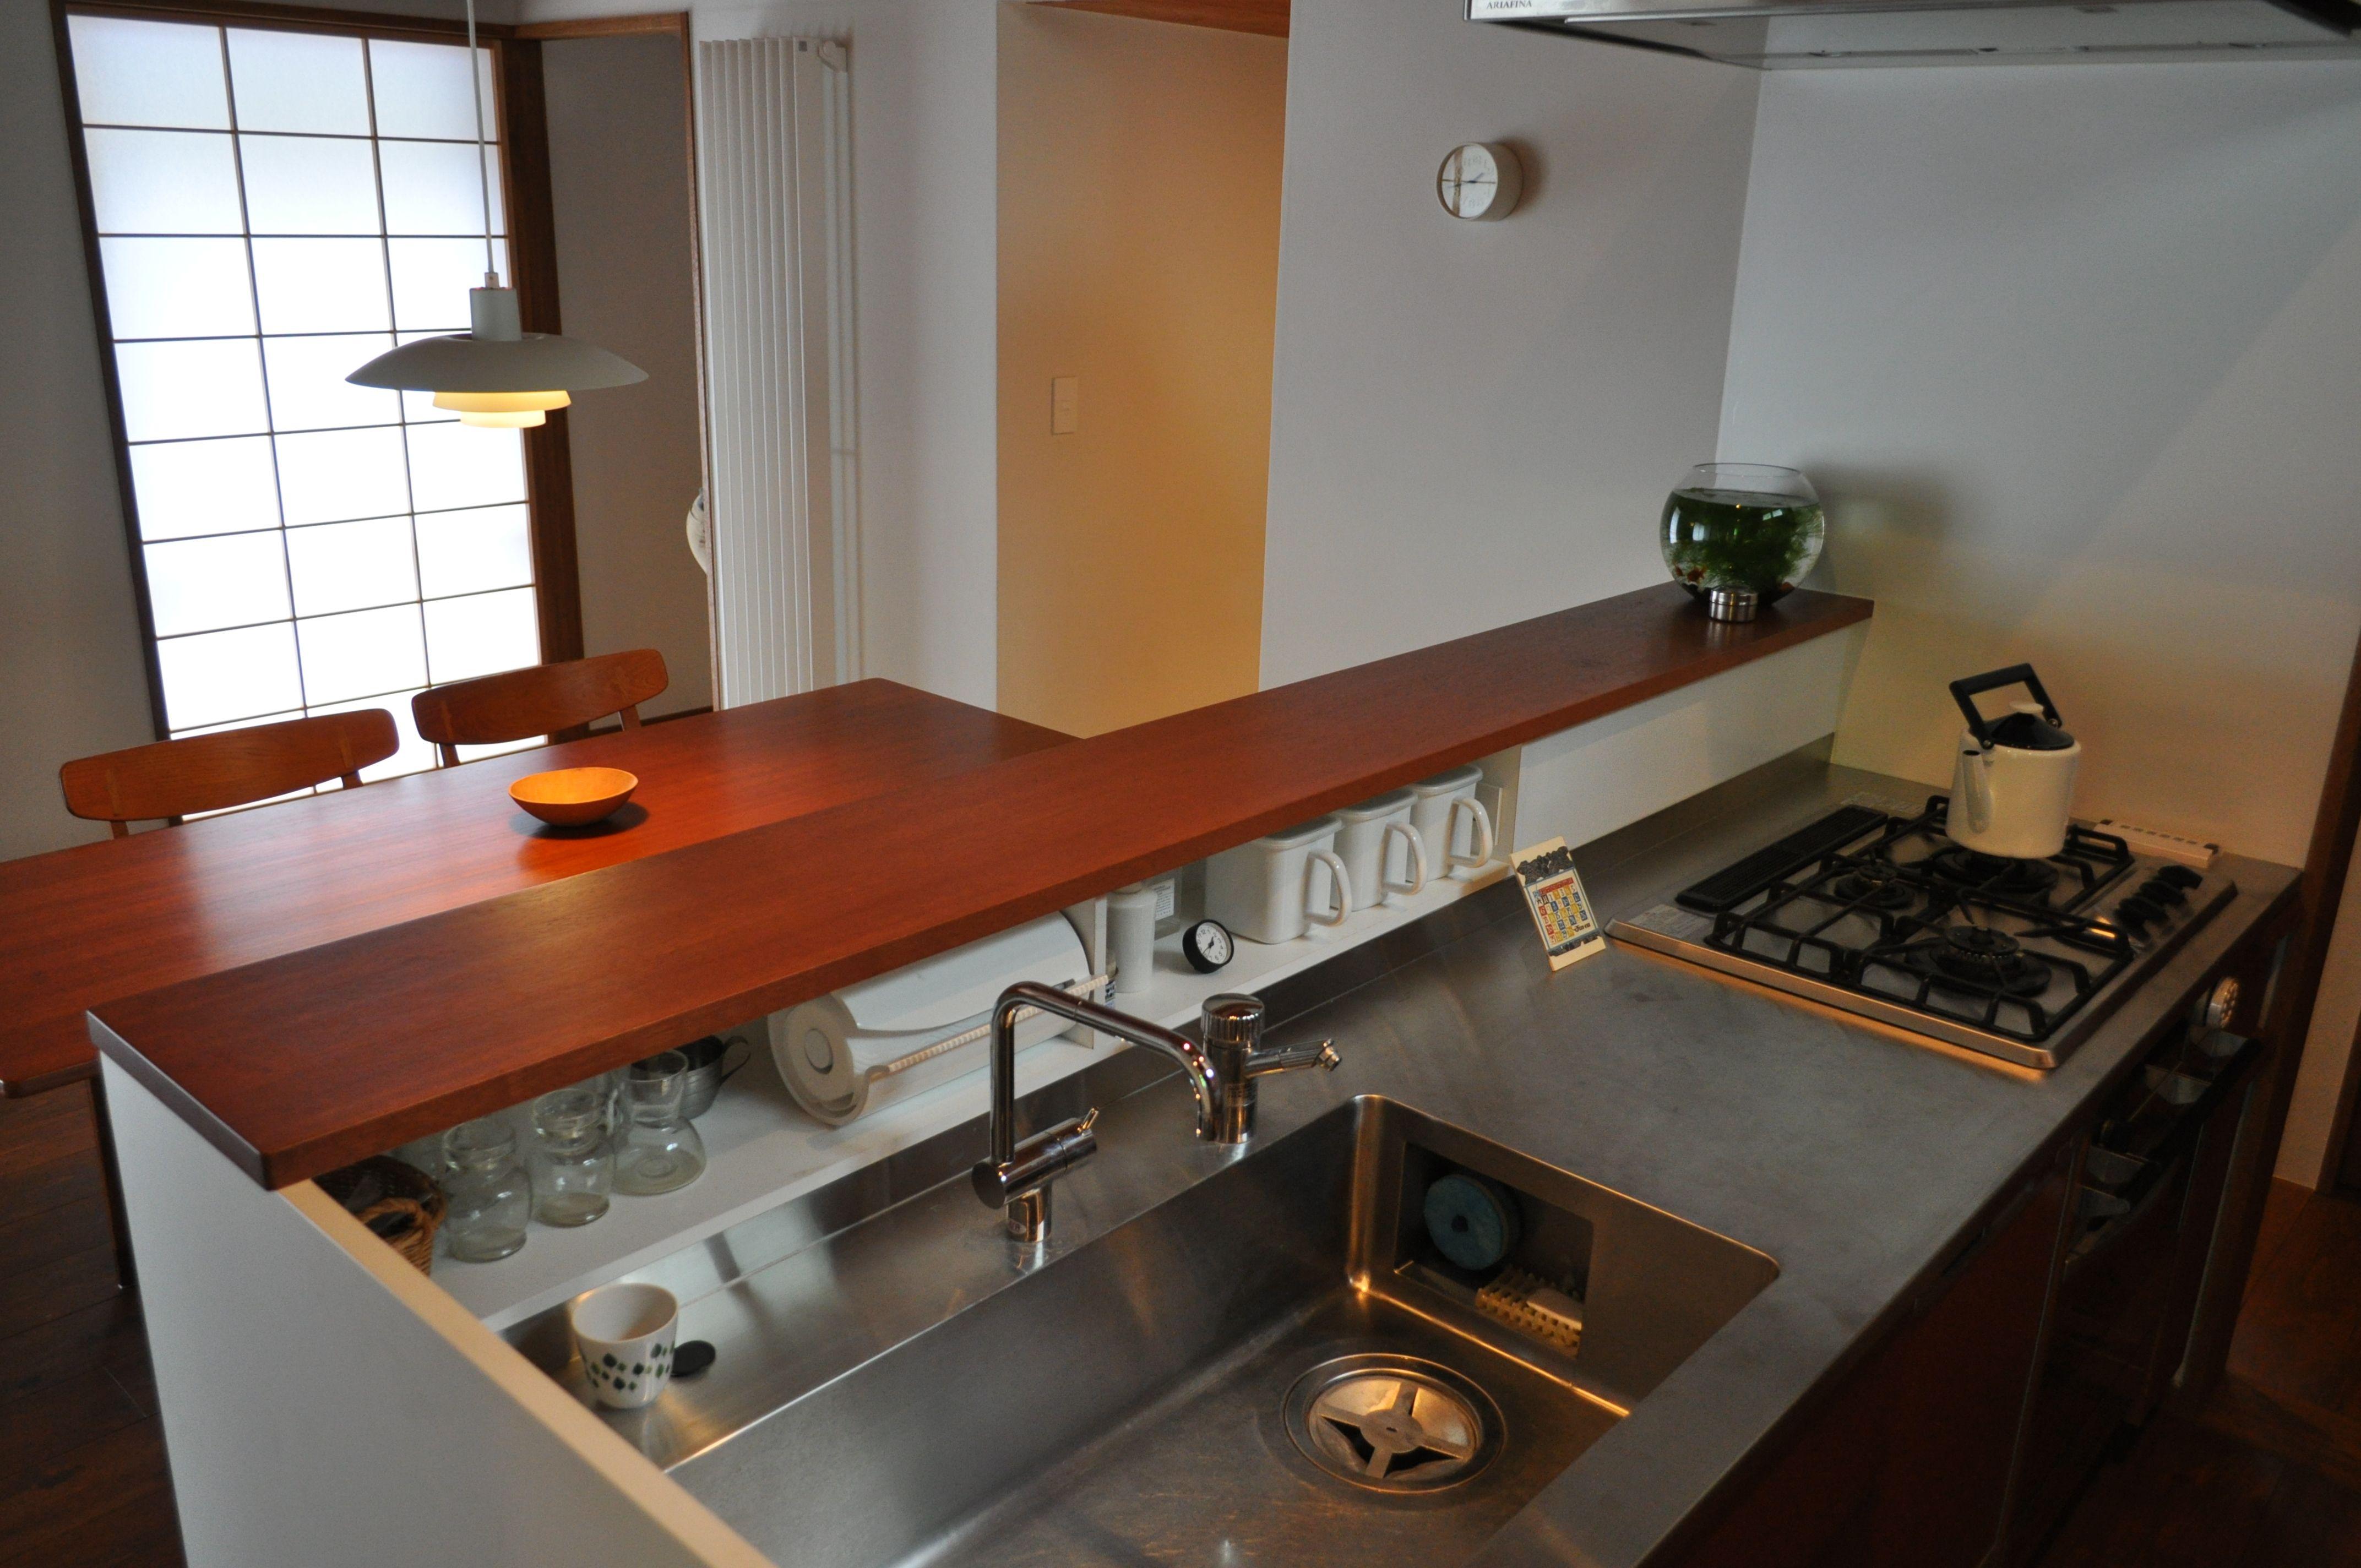 ダイニングと対面するキッチン 手元が見えないように25cm程の立ち上がりを造り 上を配膳用カウンターとして使う キッチンデザイン キッチン ダイニング